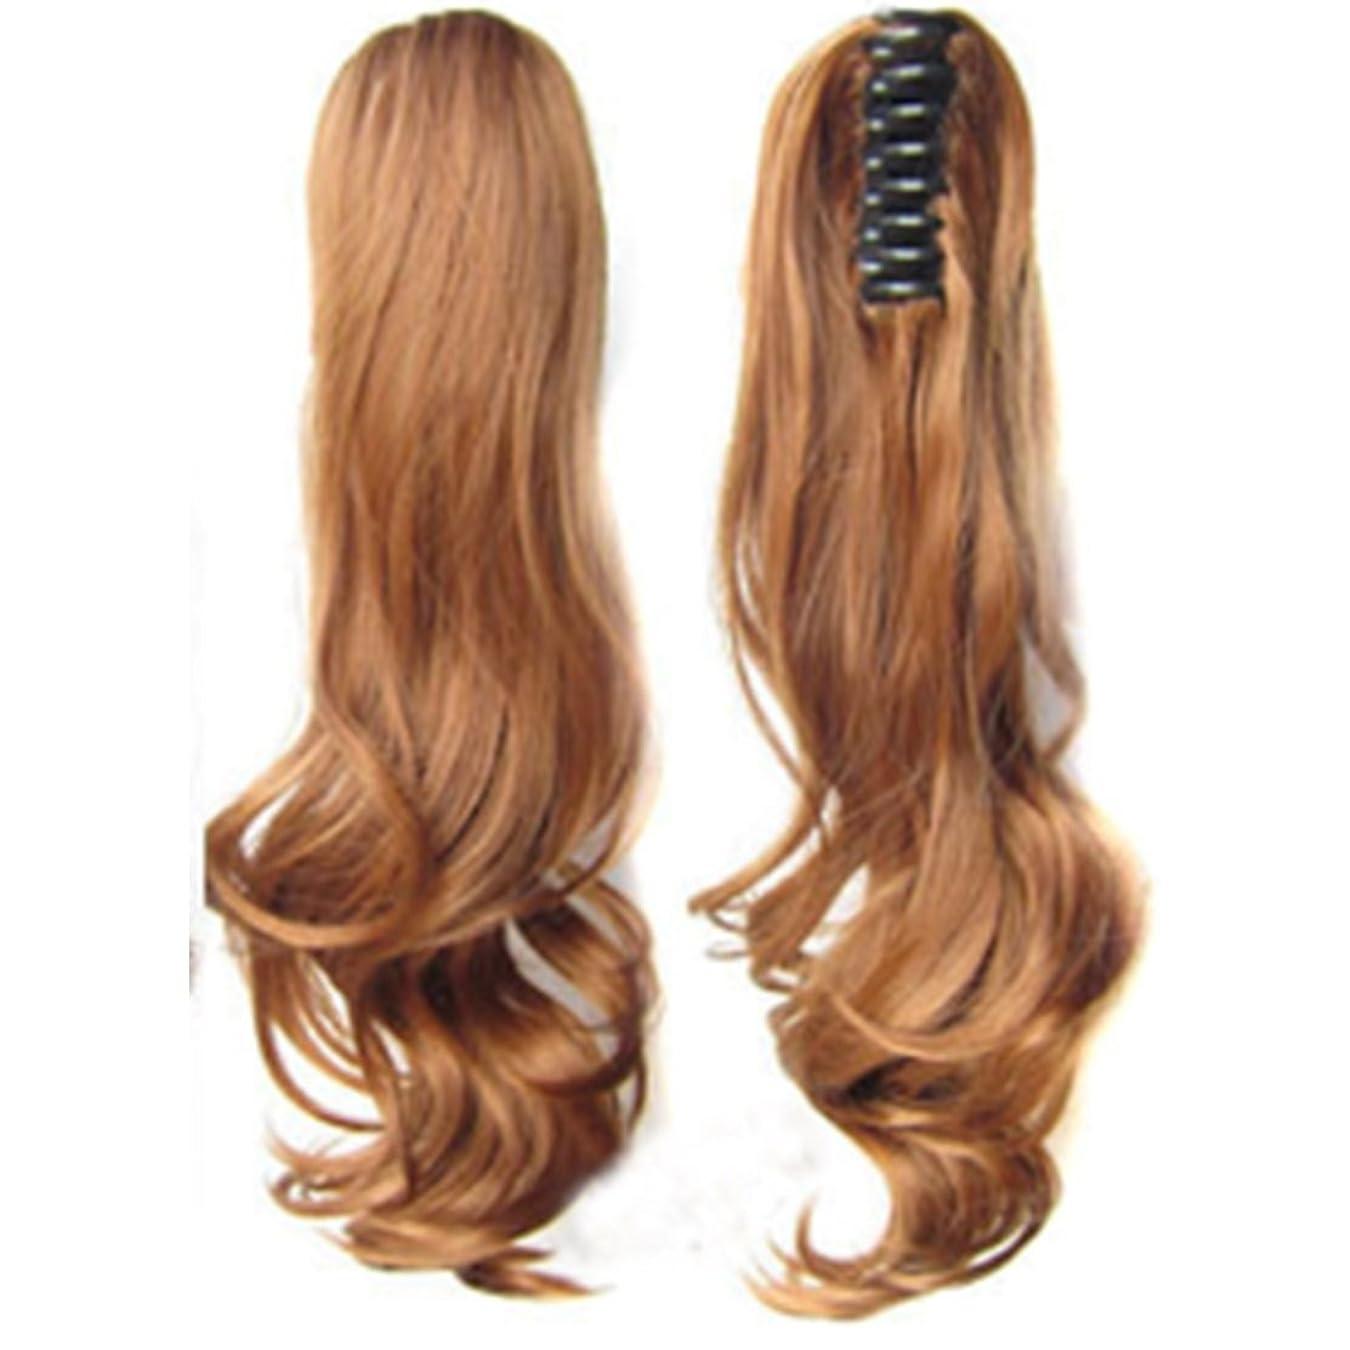 春スマッシュ謙虚なKoloeplf 長さ55cm、200g高温ウィッグの髪の延長のシルクのカーリーポニーテールクリップ (Color : 金色)